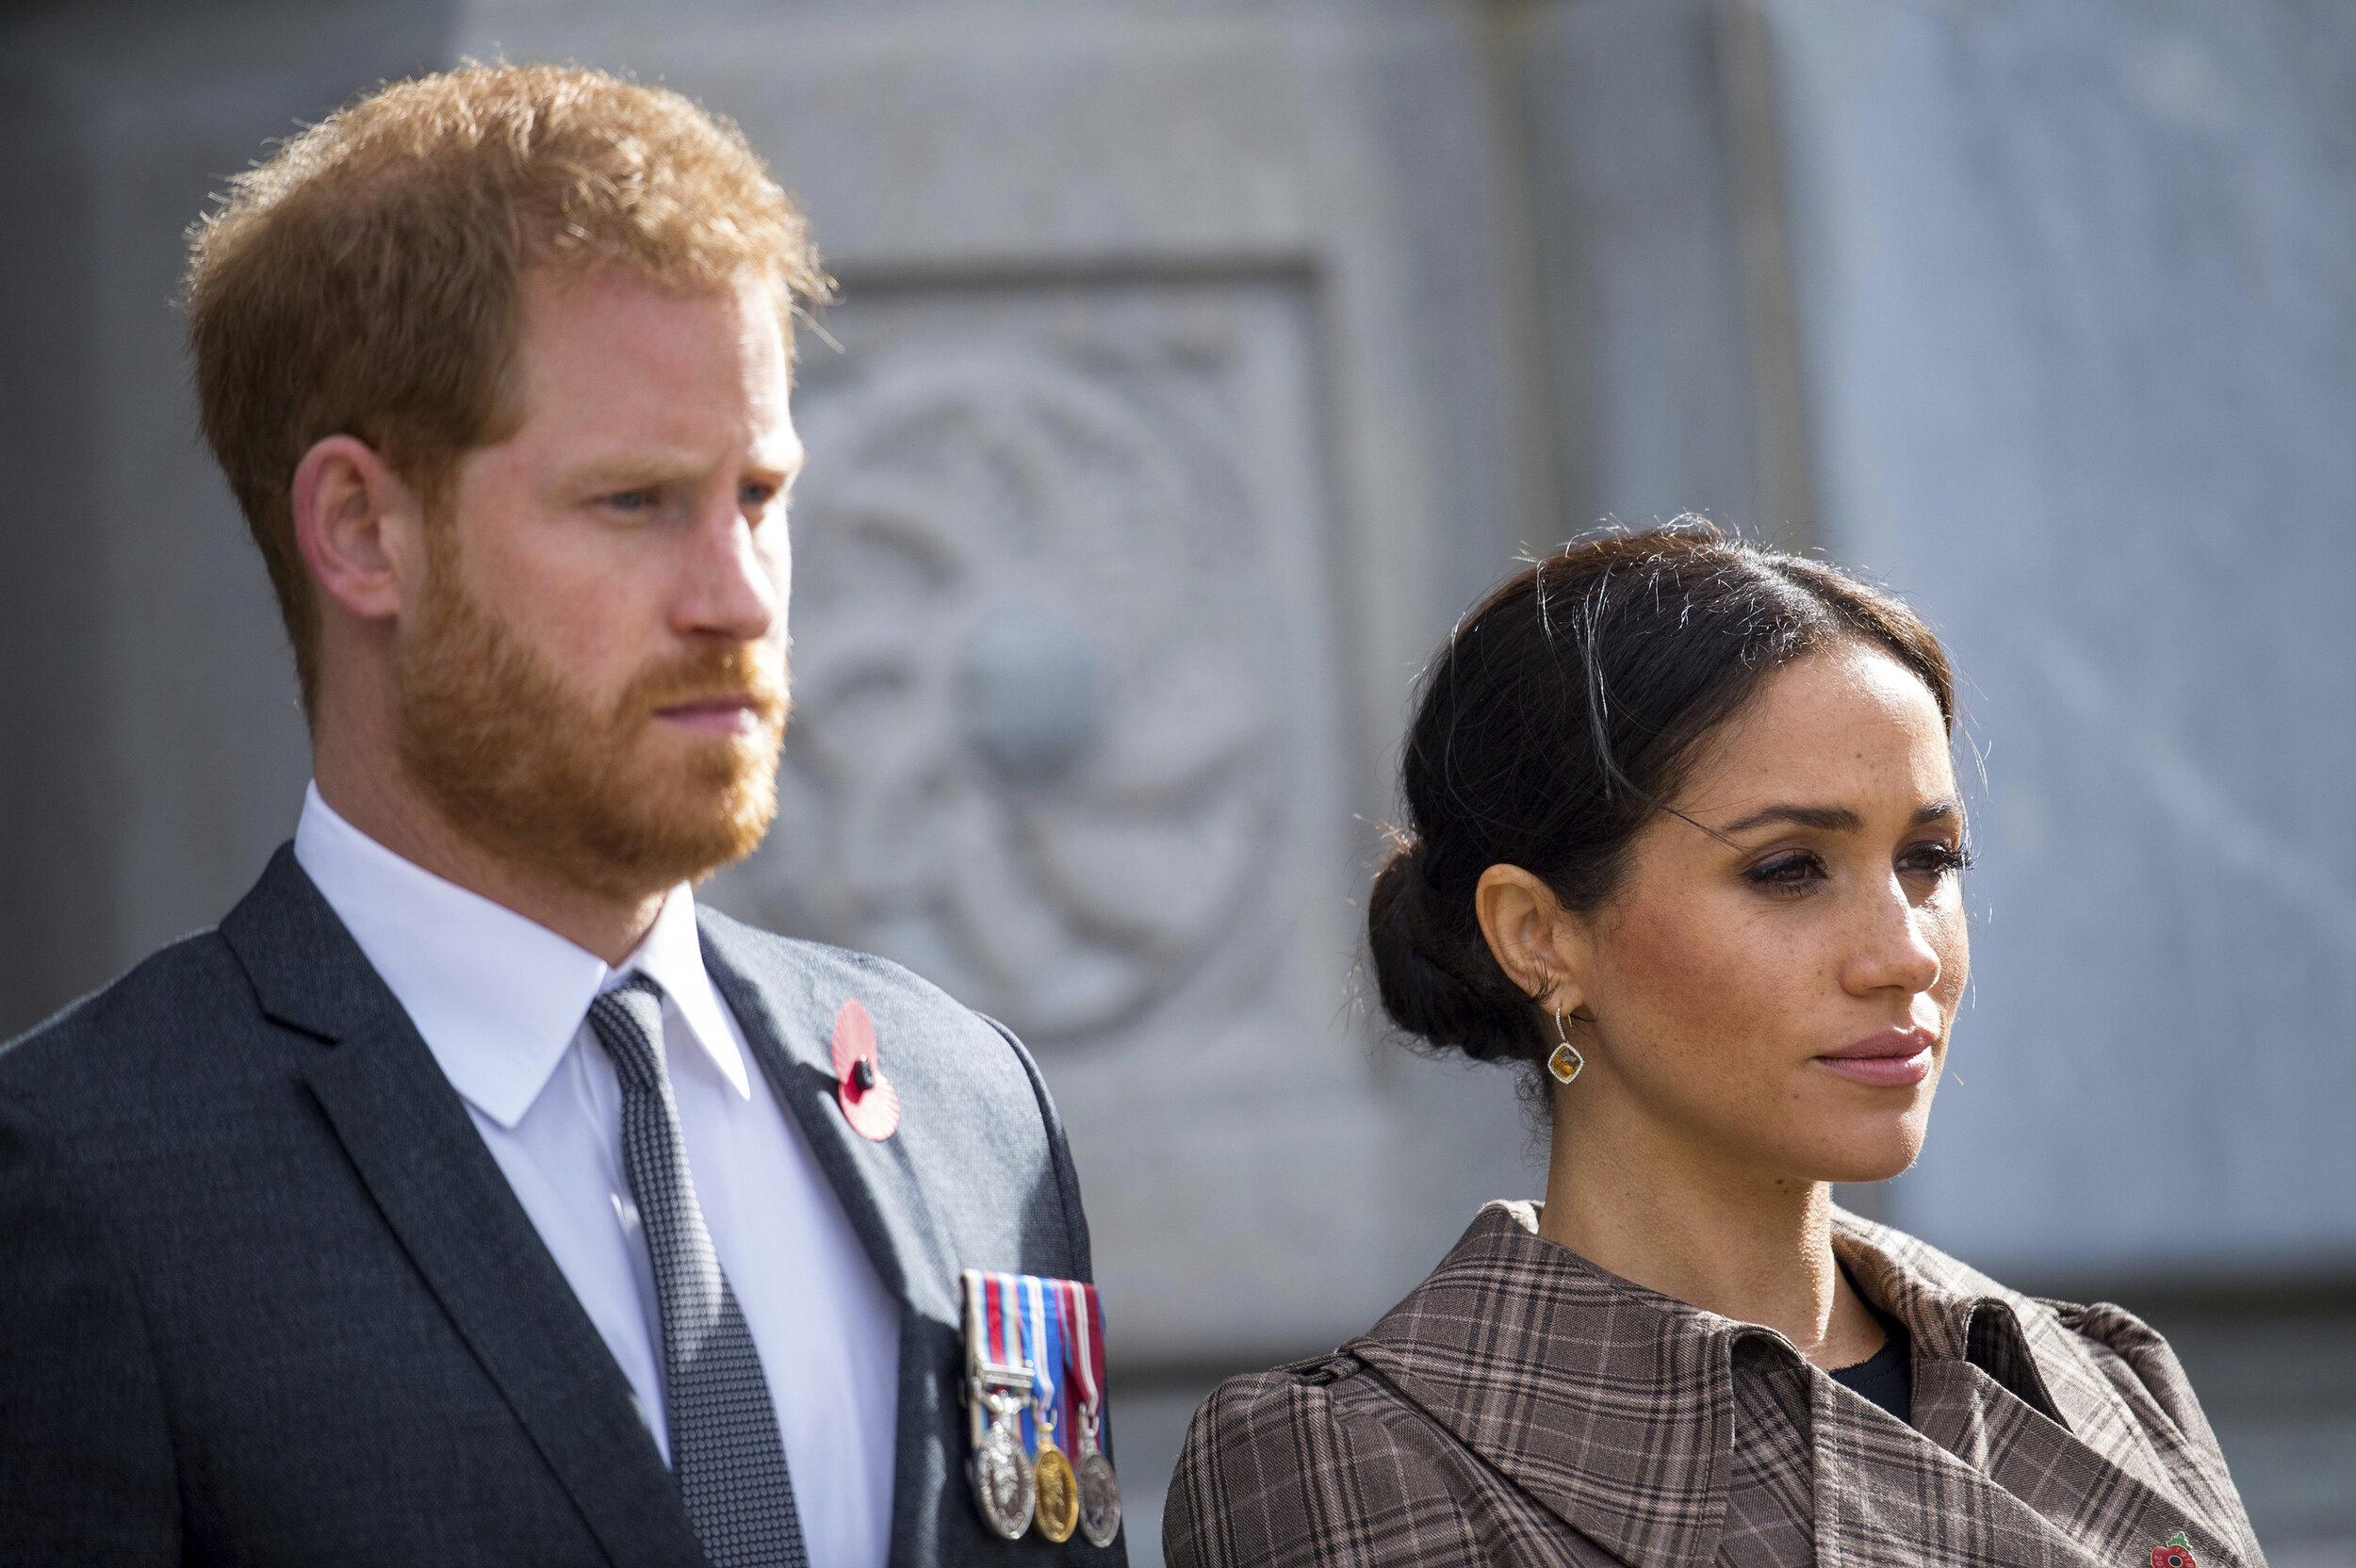 Prinz Harry und Herzogin Meghan verraten in einer Dokumentation wie sehr sie unter den feindseligen Berichten der britischen Boulevardpresse leiden.  © picture alliance / AP Photo